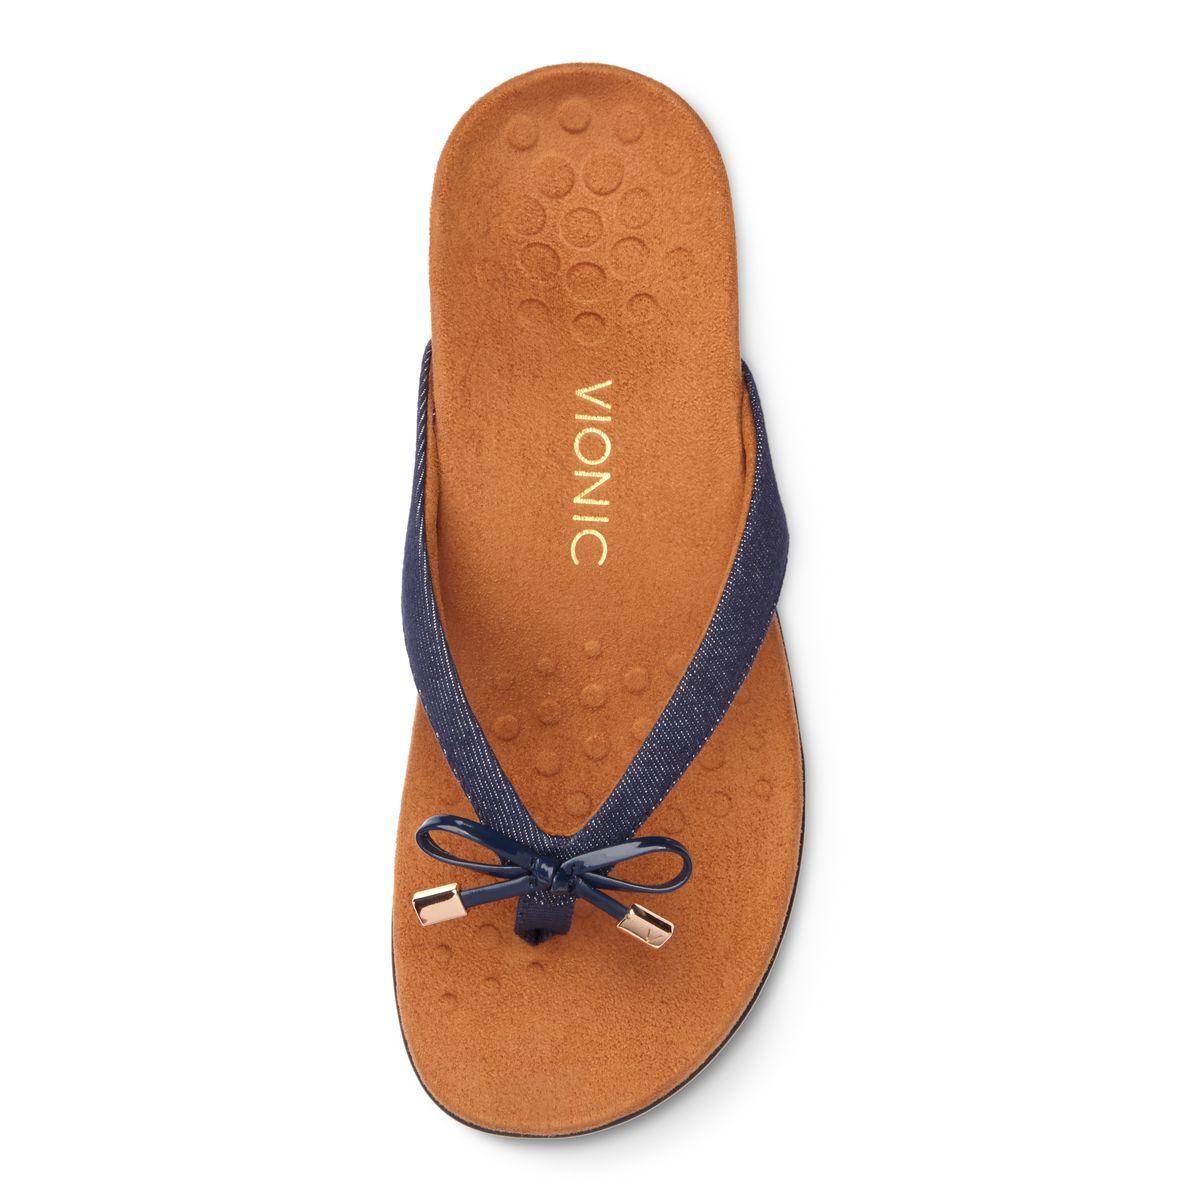 VIONIC Zehensteg Sandale 44BELLAII Denim, Gr. 36-42 - 1000435, Größe + Weite:42 Normal